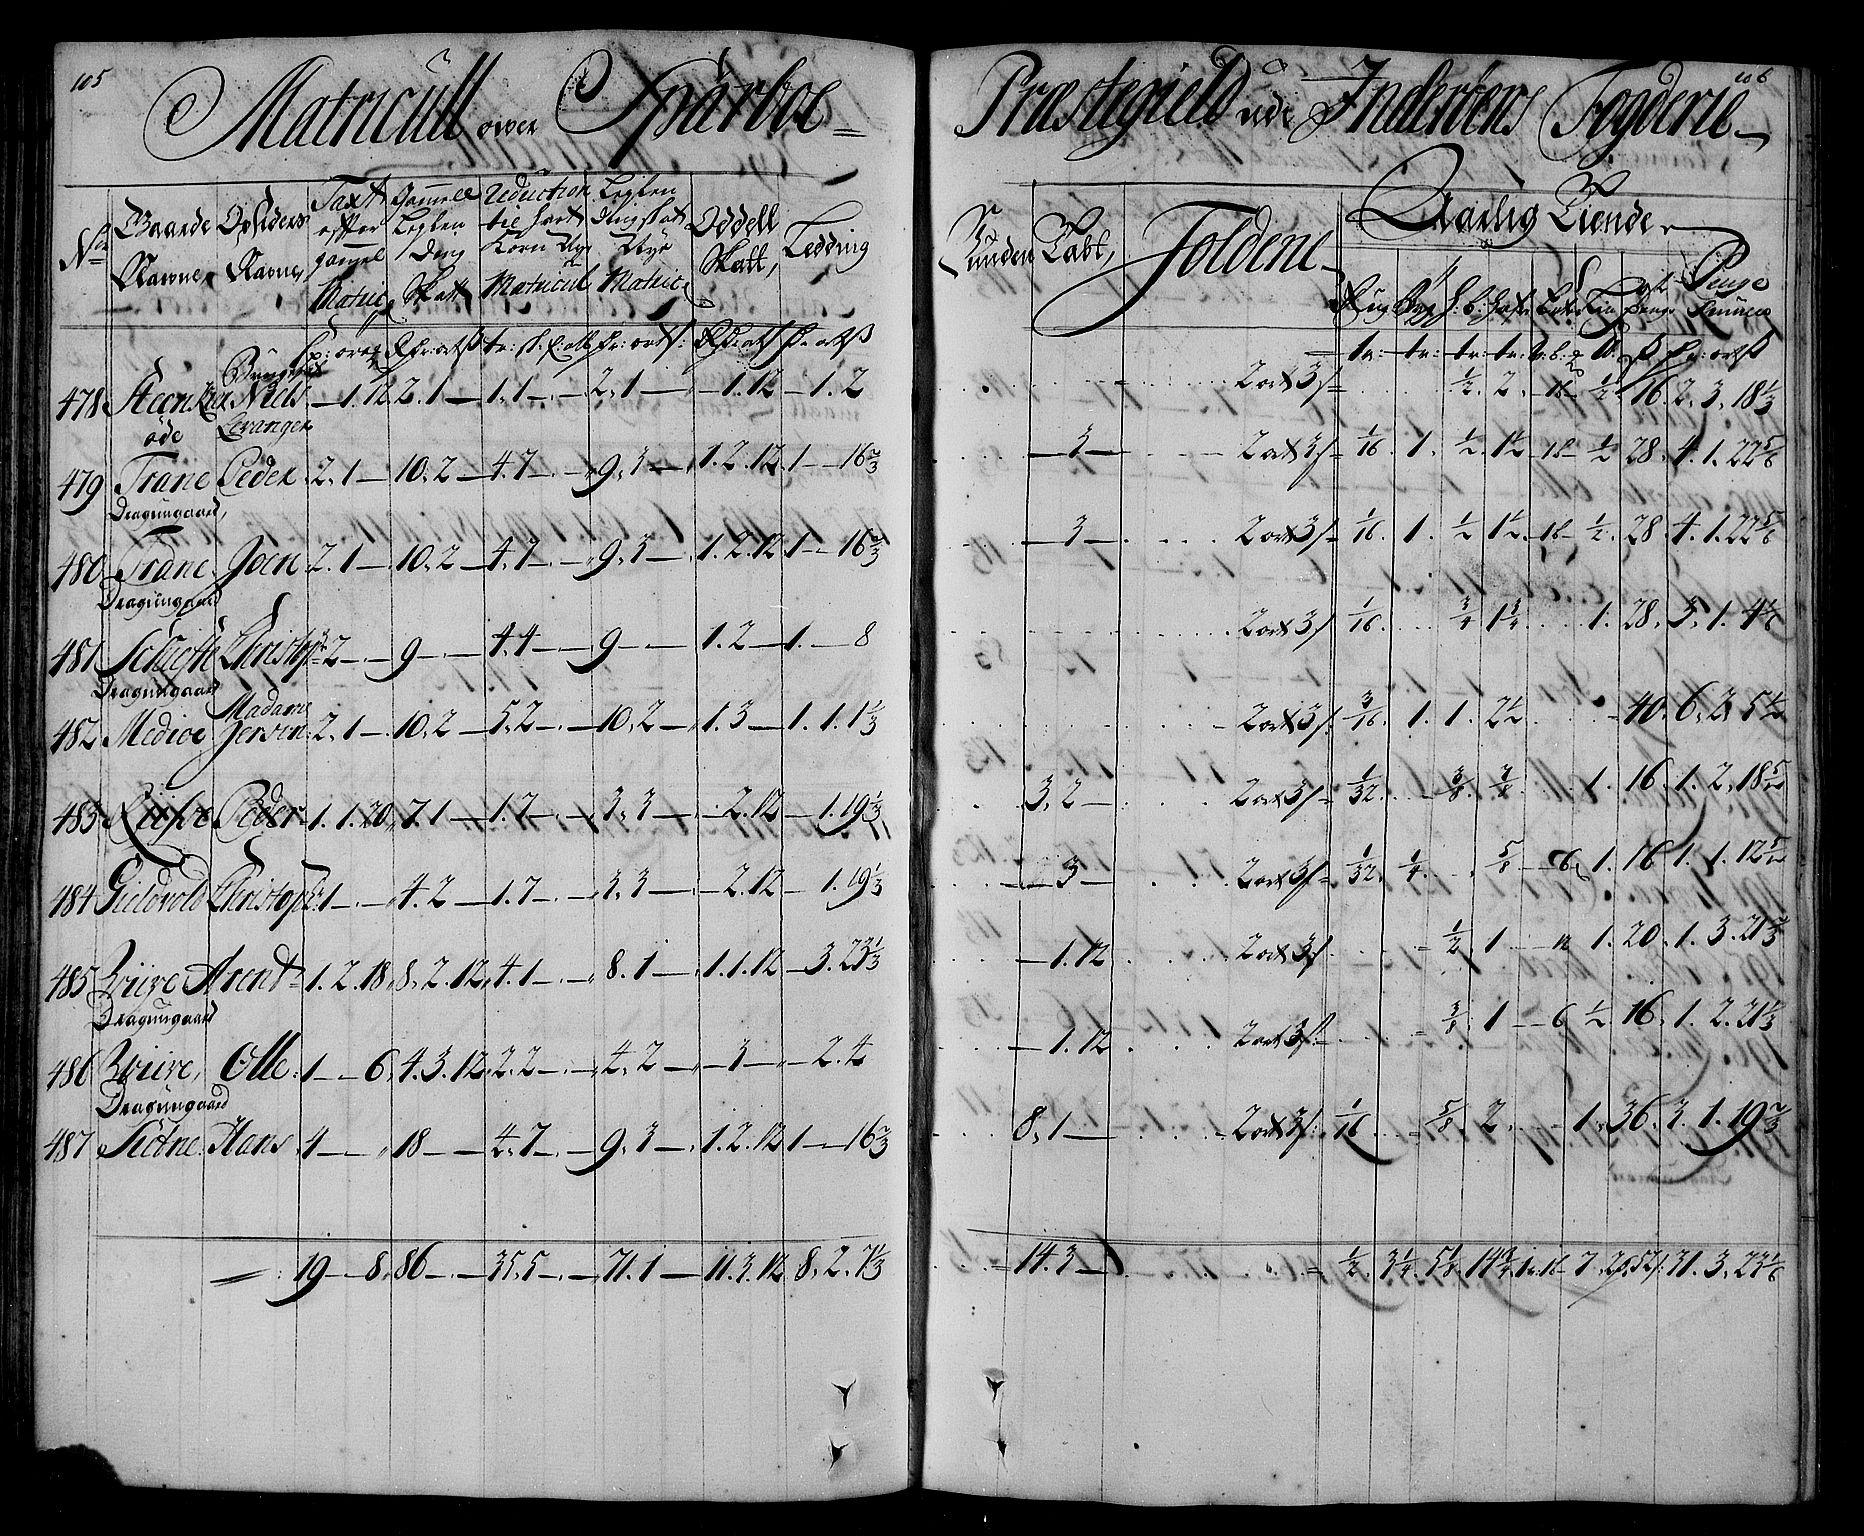 RA, Rentekammeret inntil 1814, Realistisk ordnet avdeling, N/Nb/Nbf/L0167: Inderøy matrikkelprotokoll, 1723, s. 105-106